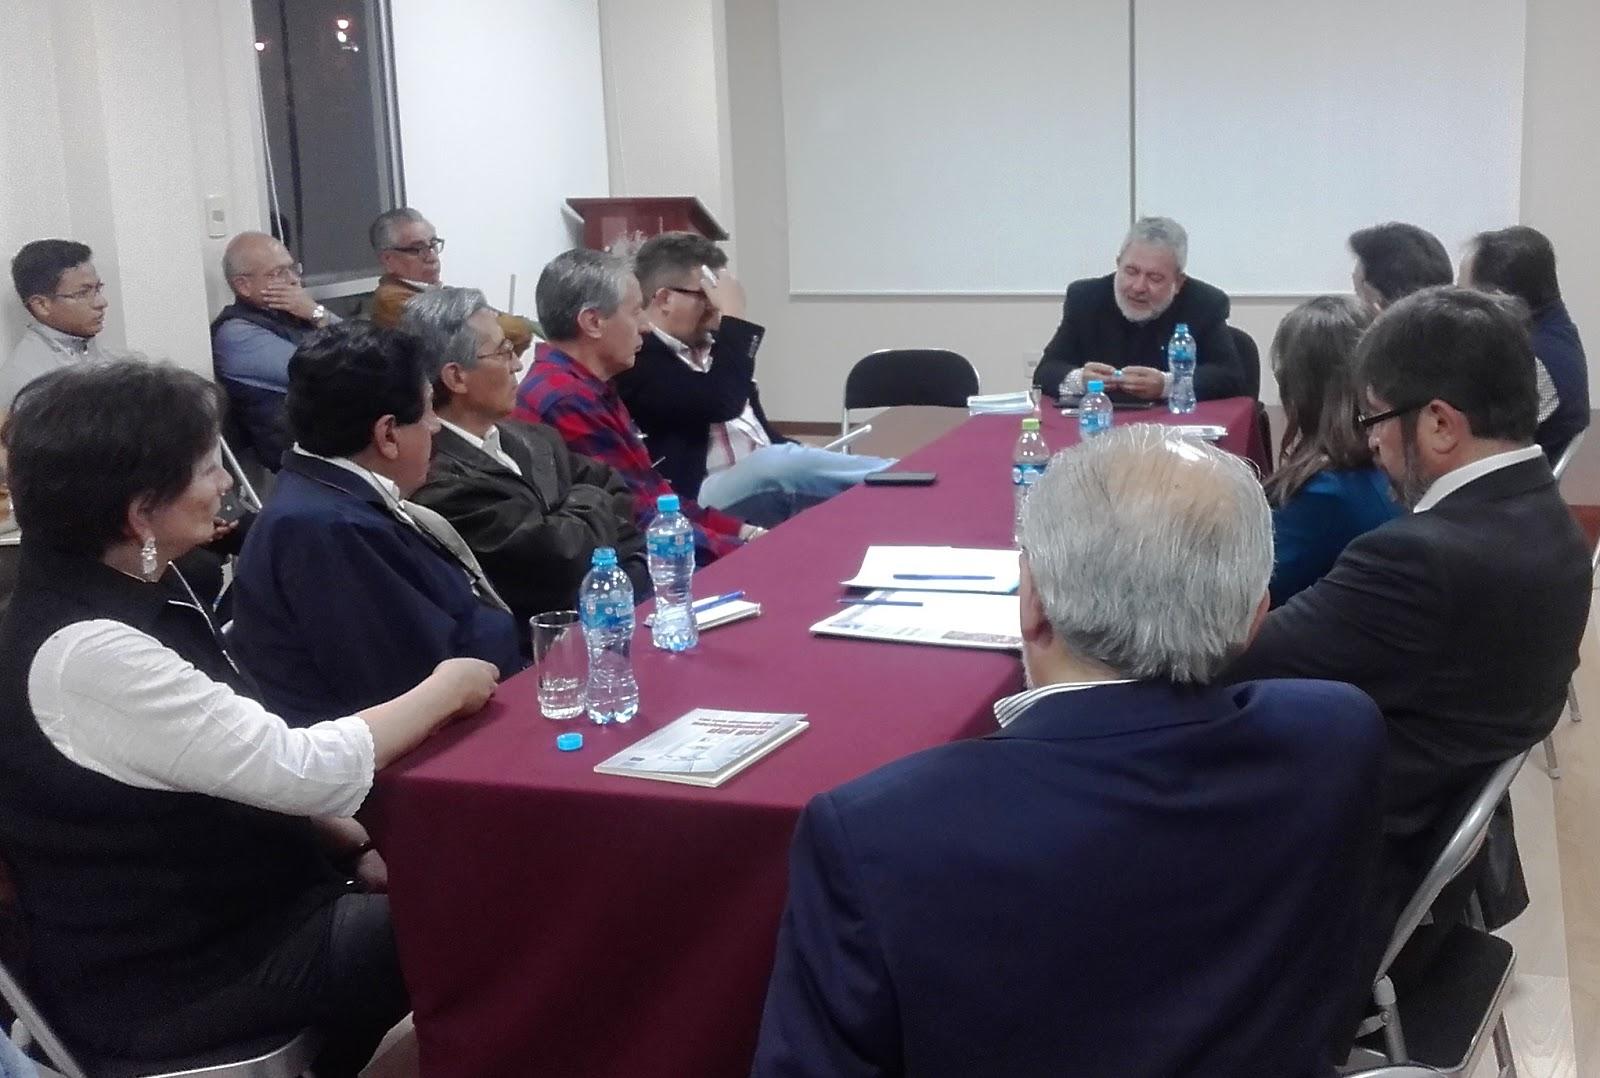 El politólogo ecuatoriano Luis Verdesoto explicó la coyuntura y proyección política del presidente Moreno